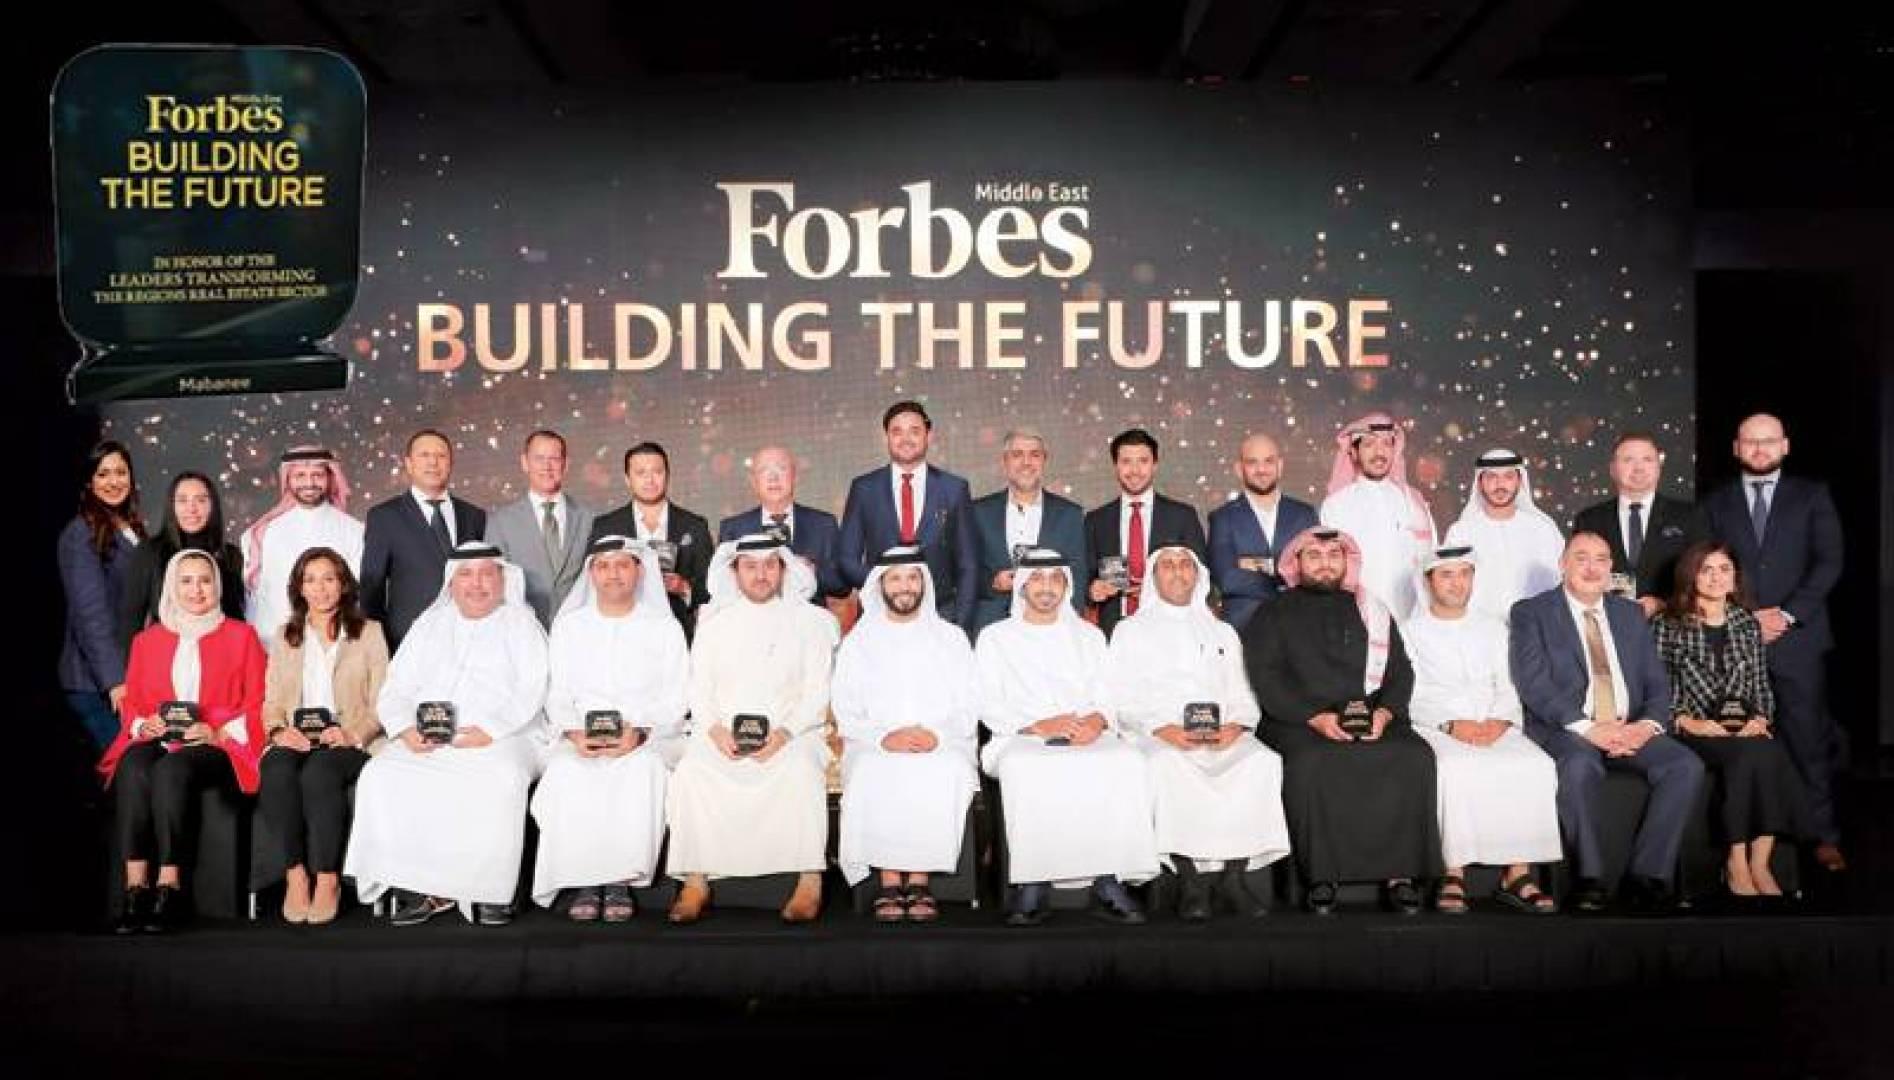 المشاركون في حفل جوائز فوربس